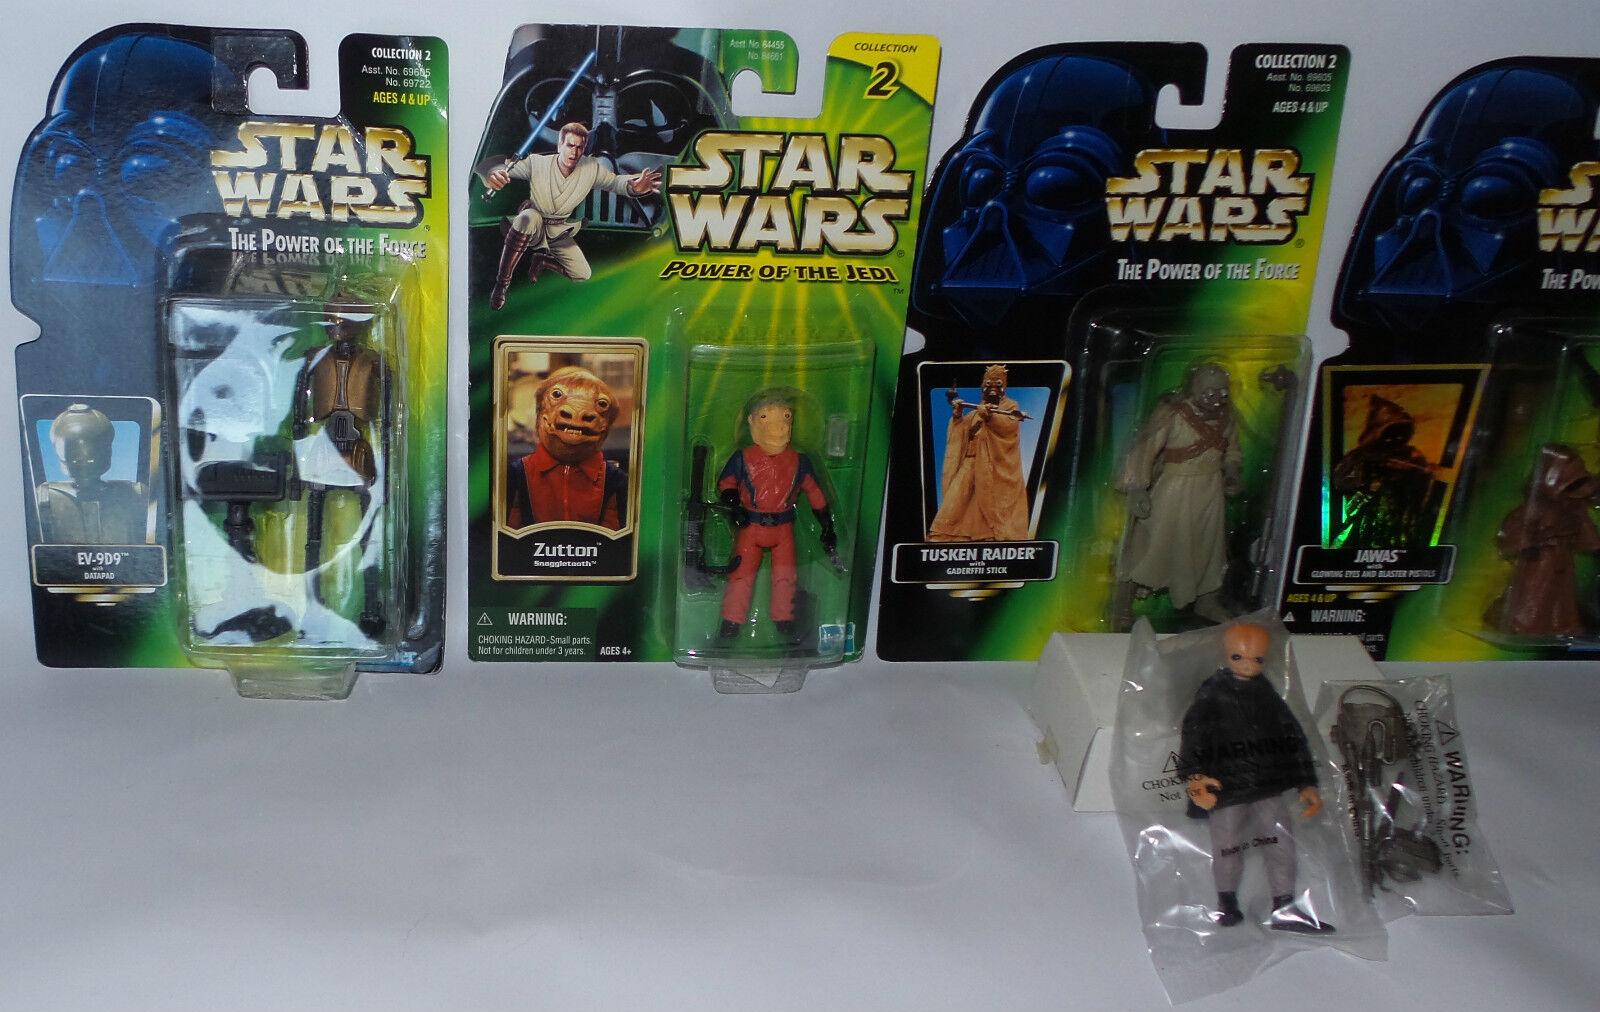 STAR WARS : JAWA'S, (F) TUSKEN RAIDER, ASP-7, EV-9D9, FIGRIN D'AN, ZUTTON (F) JAWA'S, (TK) 6de1f5